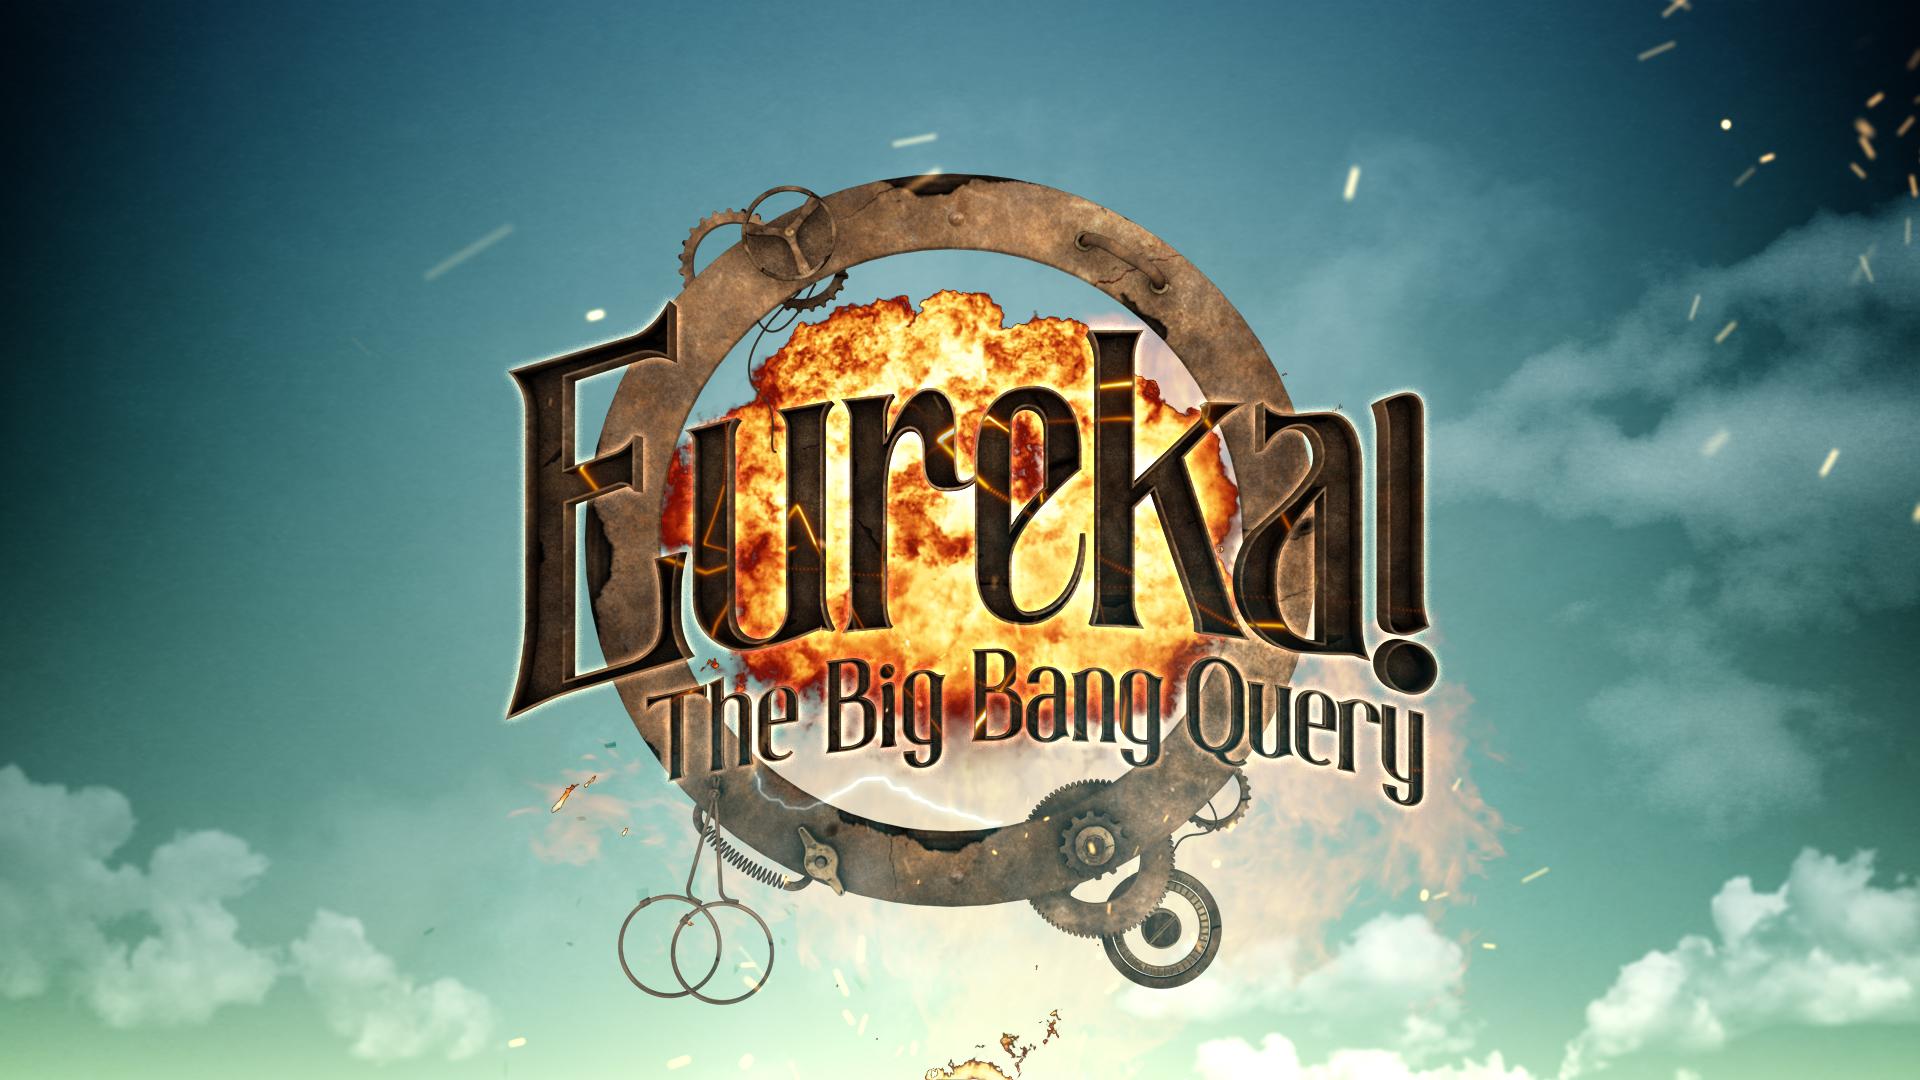 Cover image: Eureka! The Big Bang Query